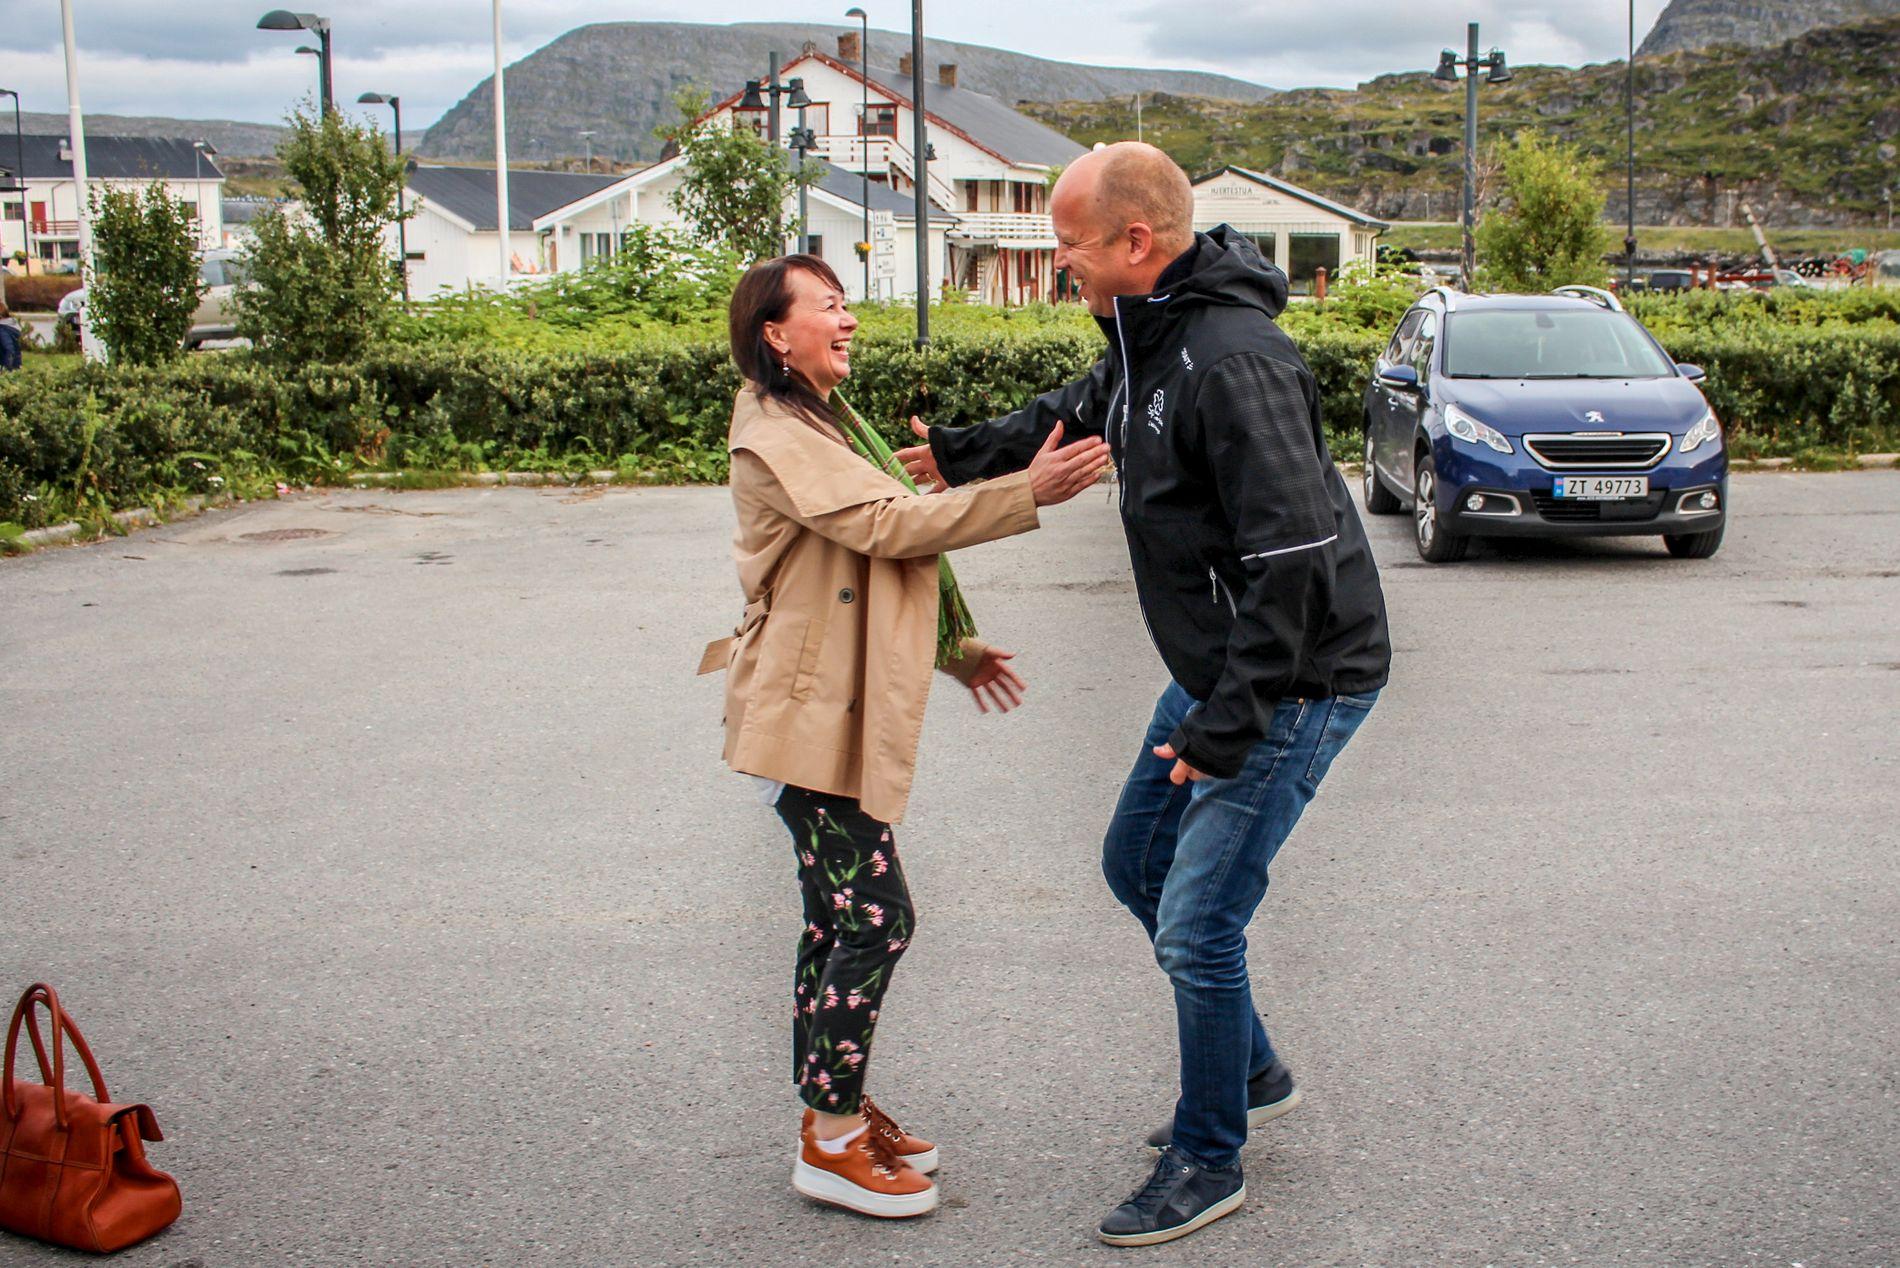 GJENSYNSGLEDE: Vedum møter han Sps eneste Finnmark-ordfører Reidun Mortensen. Hun har samarbeidet med Høyre denne perioden, men vil ikke si hvem hun ser til etter valget.